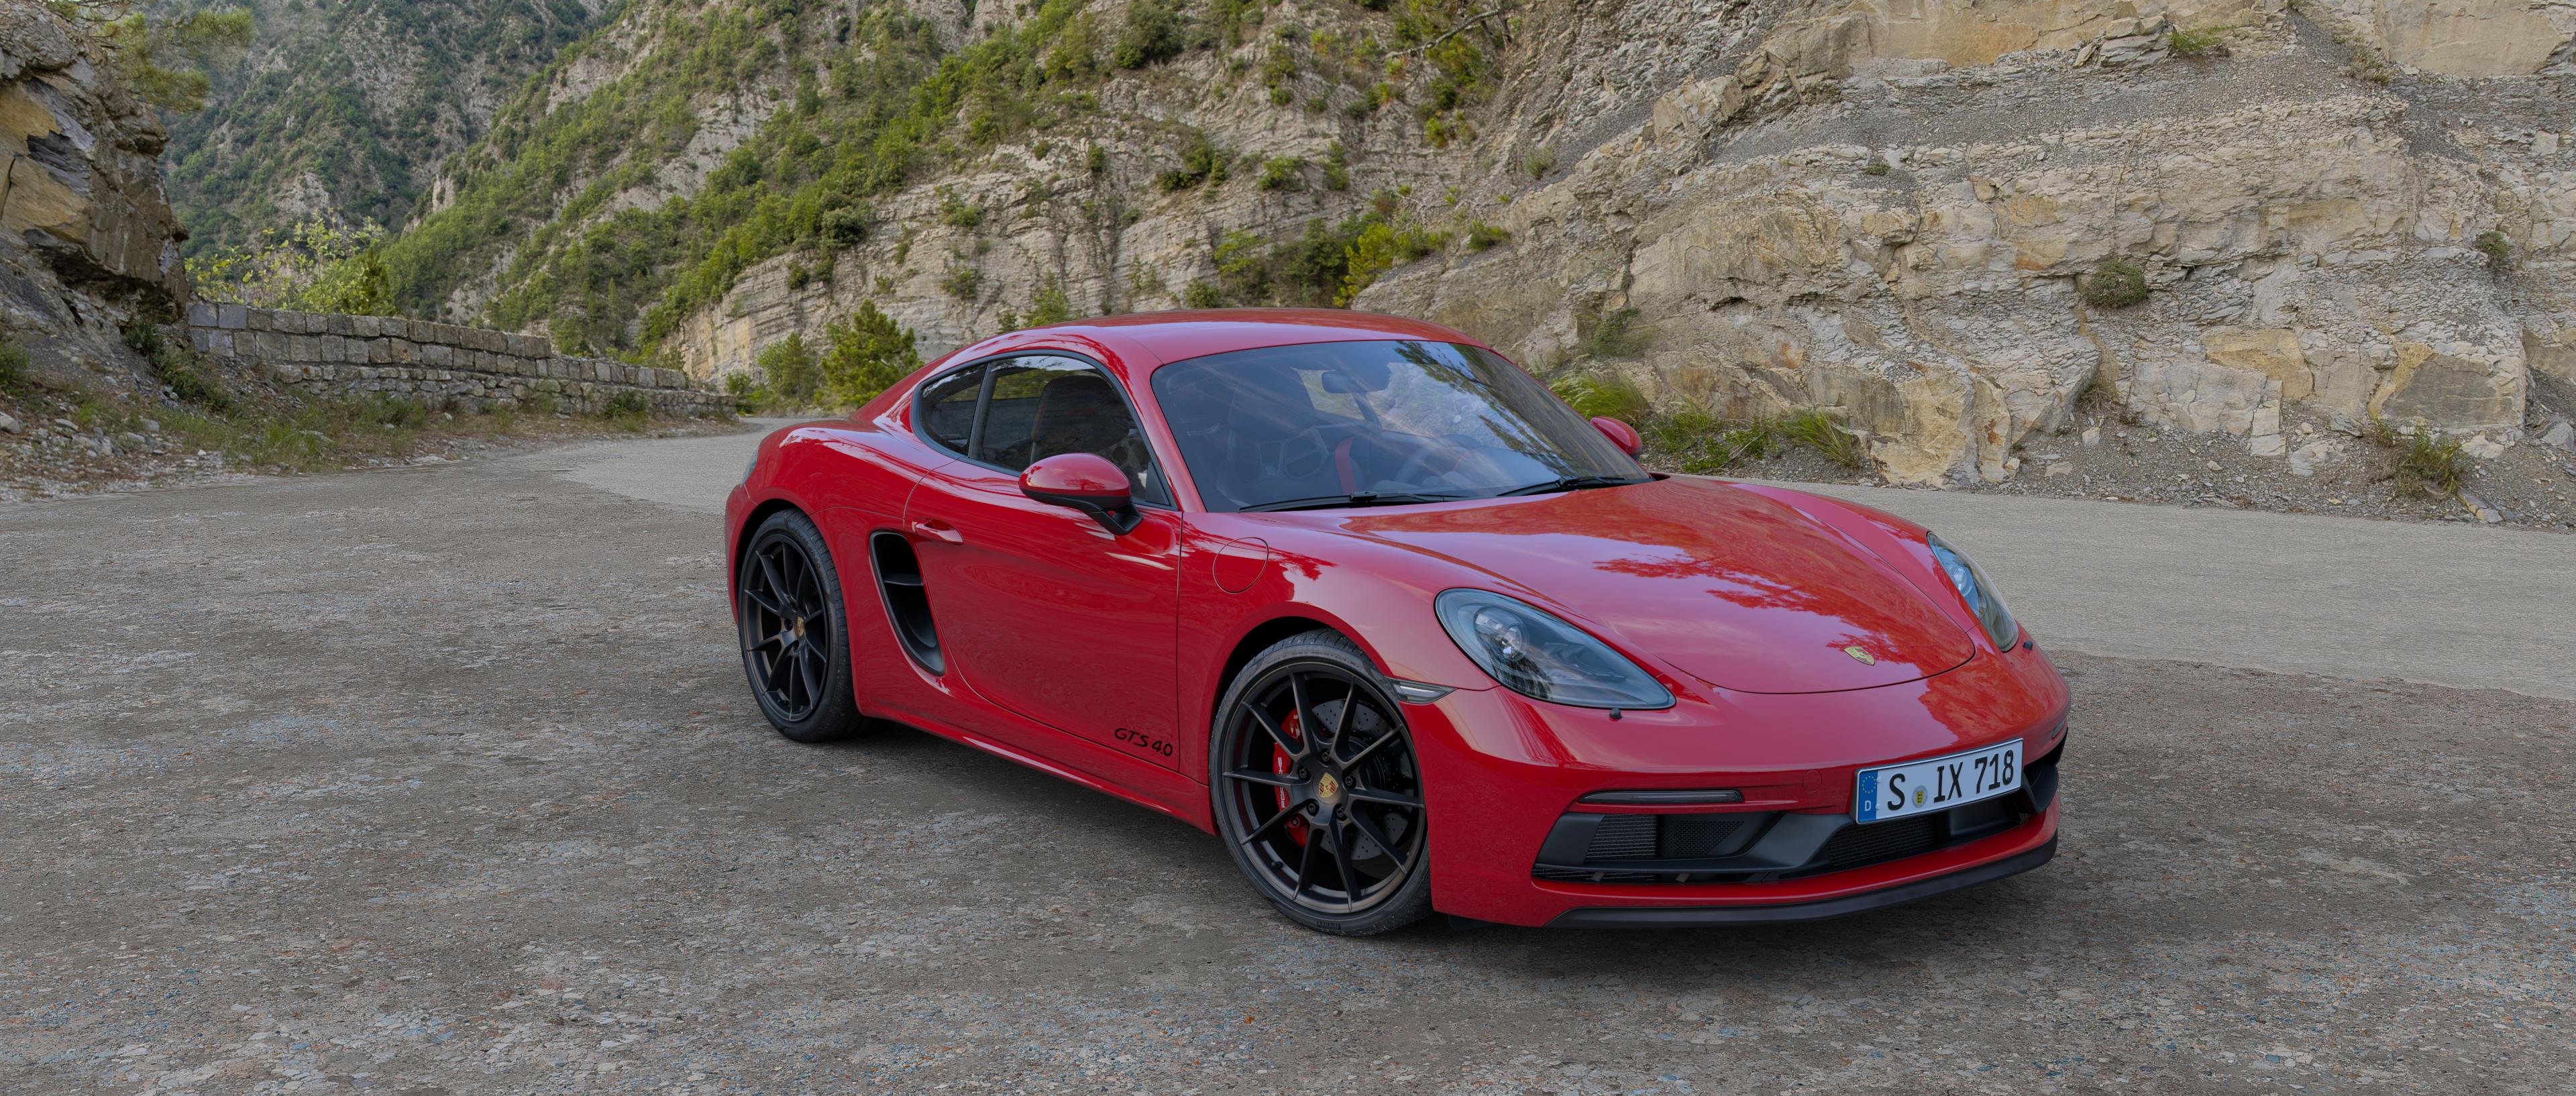 2020 Porsche 718 New Concept